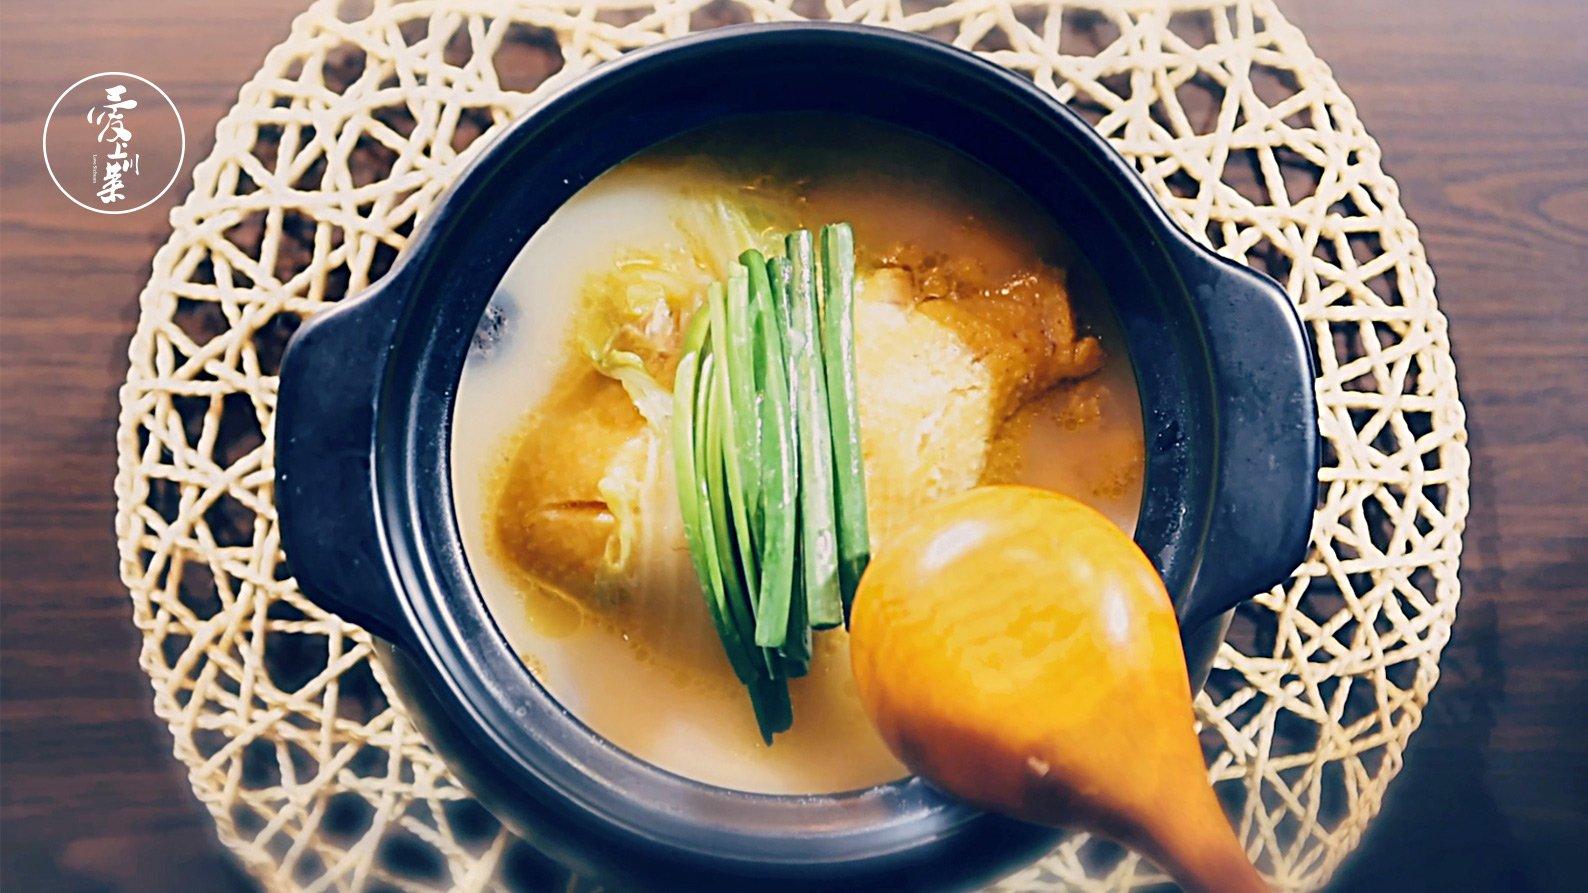 爱上川菜039:哥哥的白果炖鸡